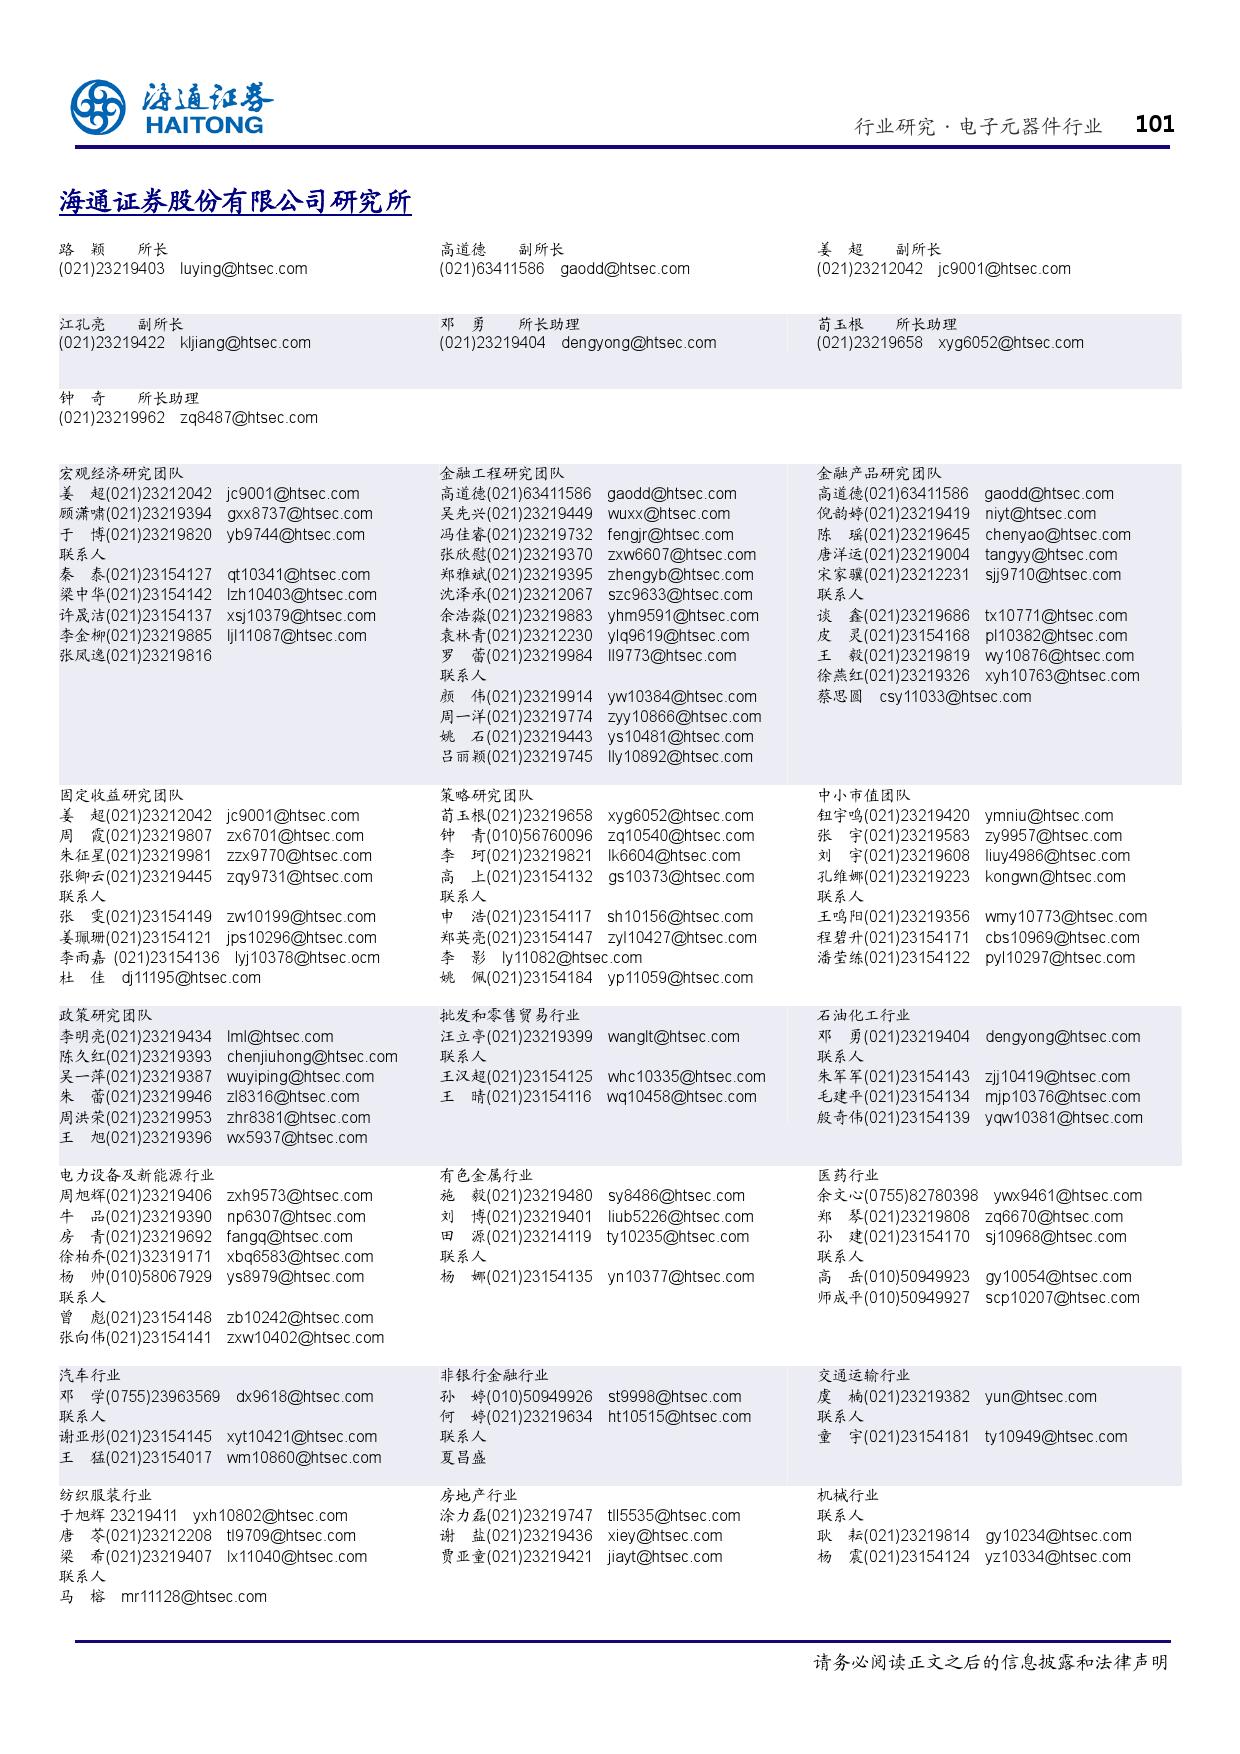 报告全解传感器全球产业链_000101